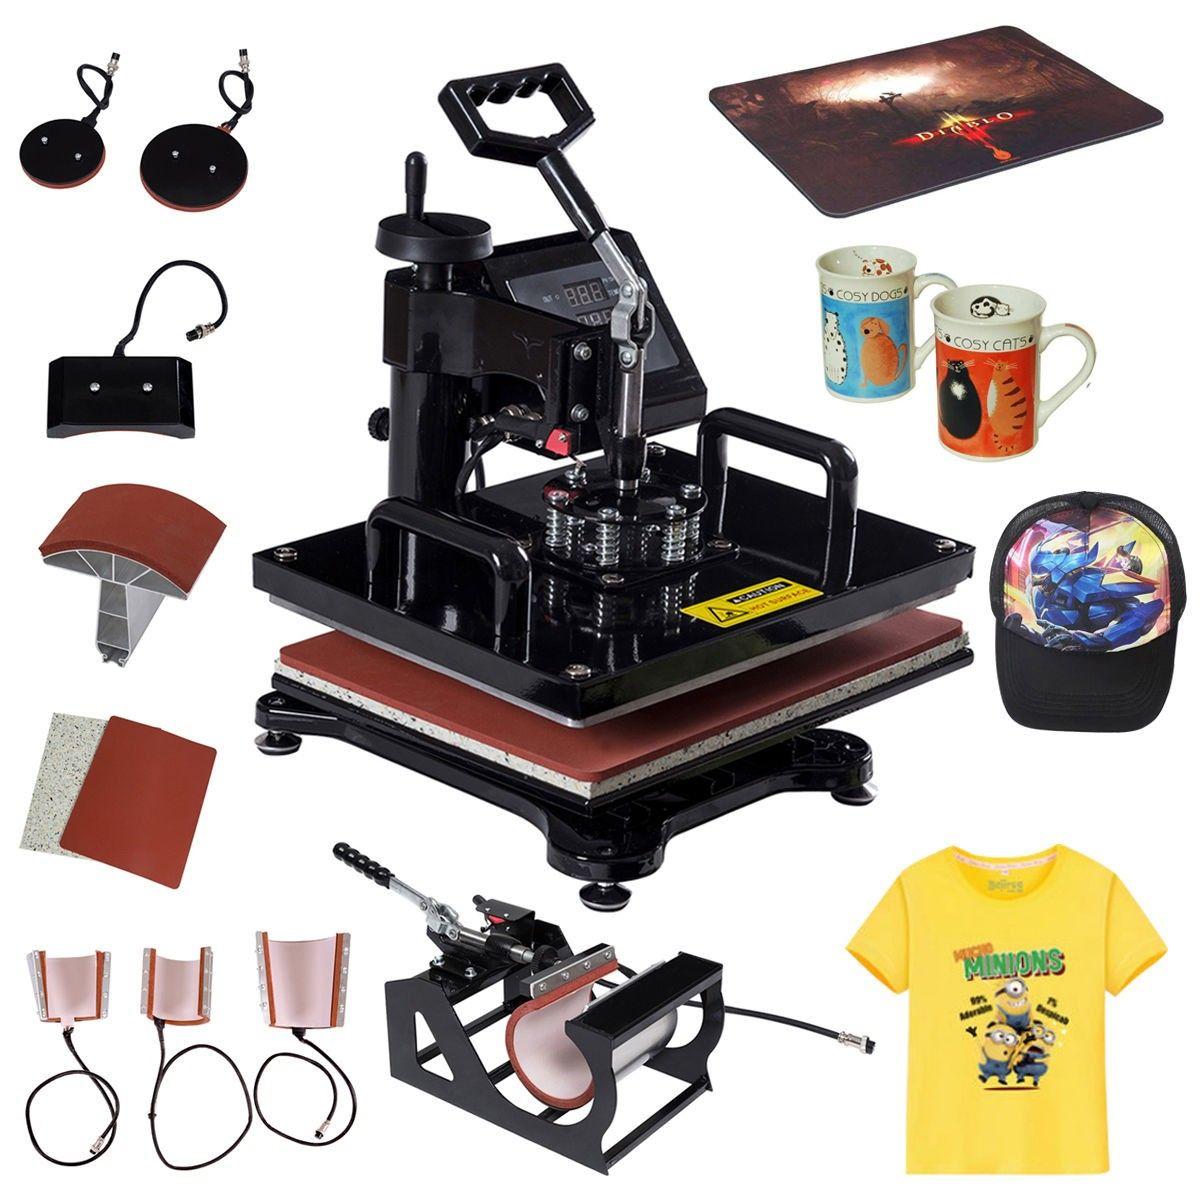 8 in 1 transfer digital heat press machine